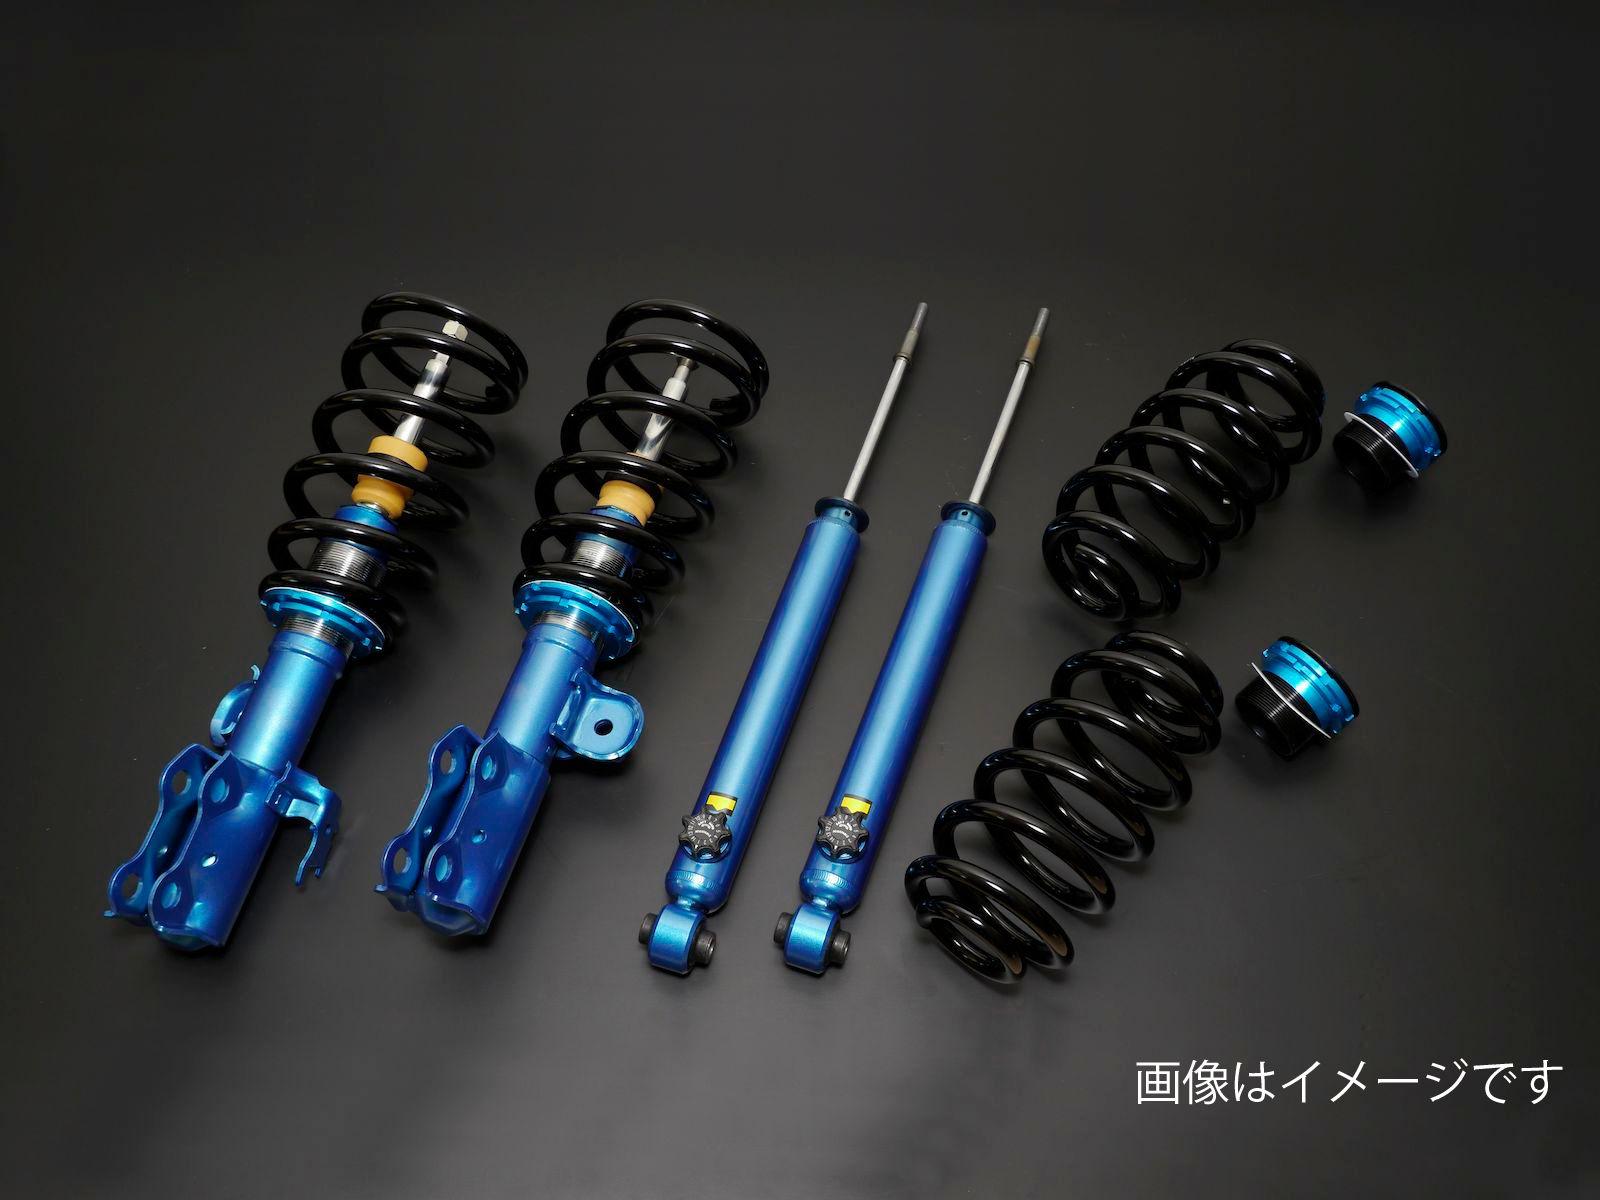 CUSCO(クスコ) 車高調キット street 日産 ノート E11 2005.1-2012.8 商品番号:266 62K CBF